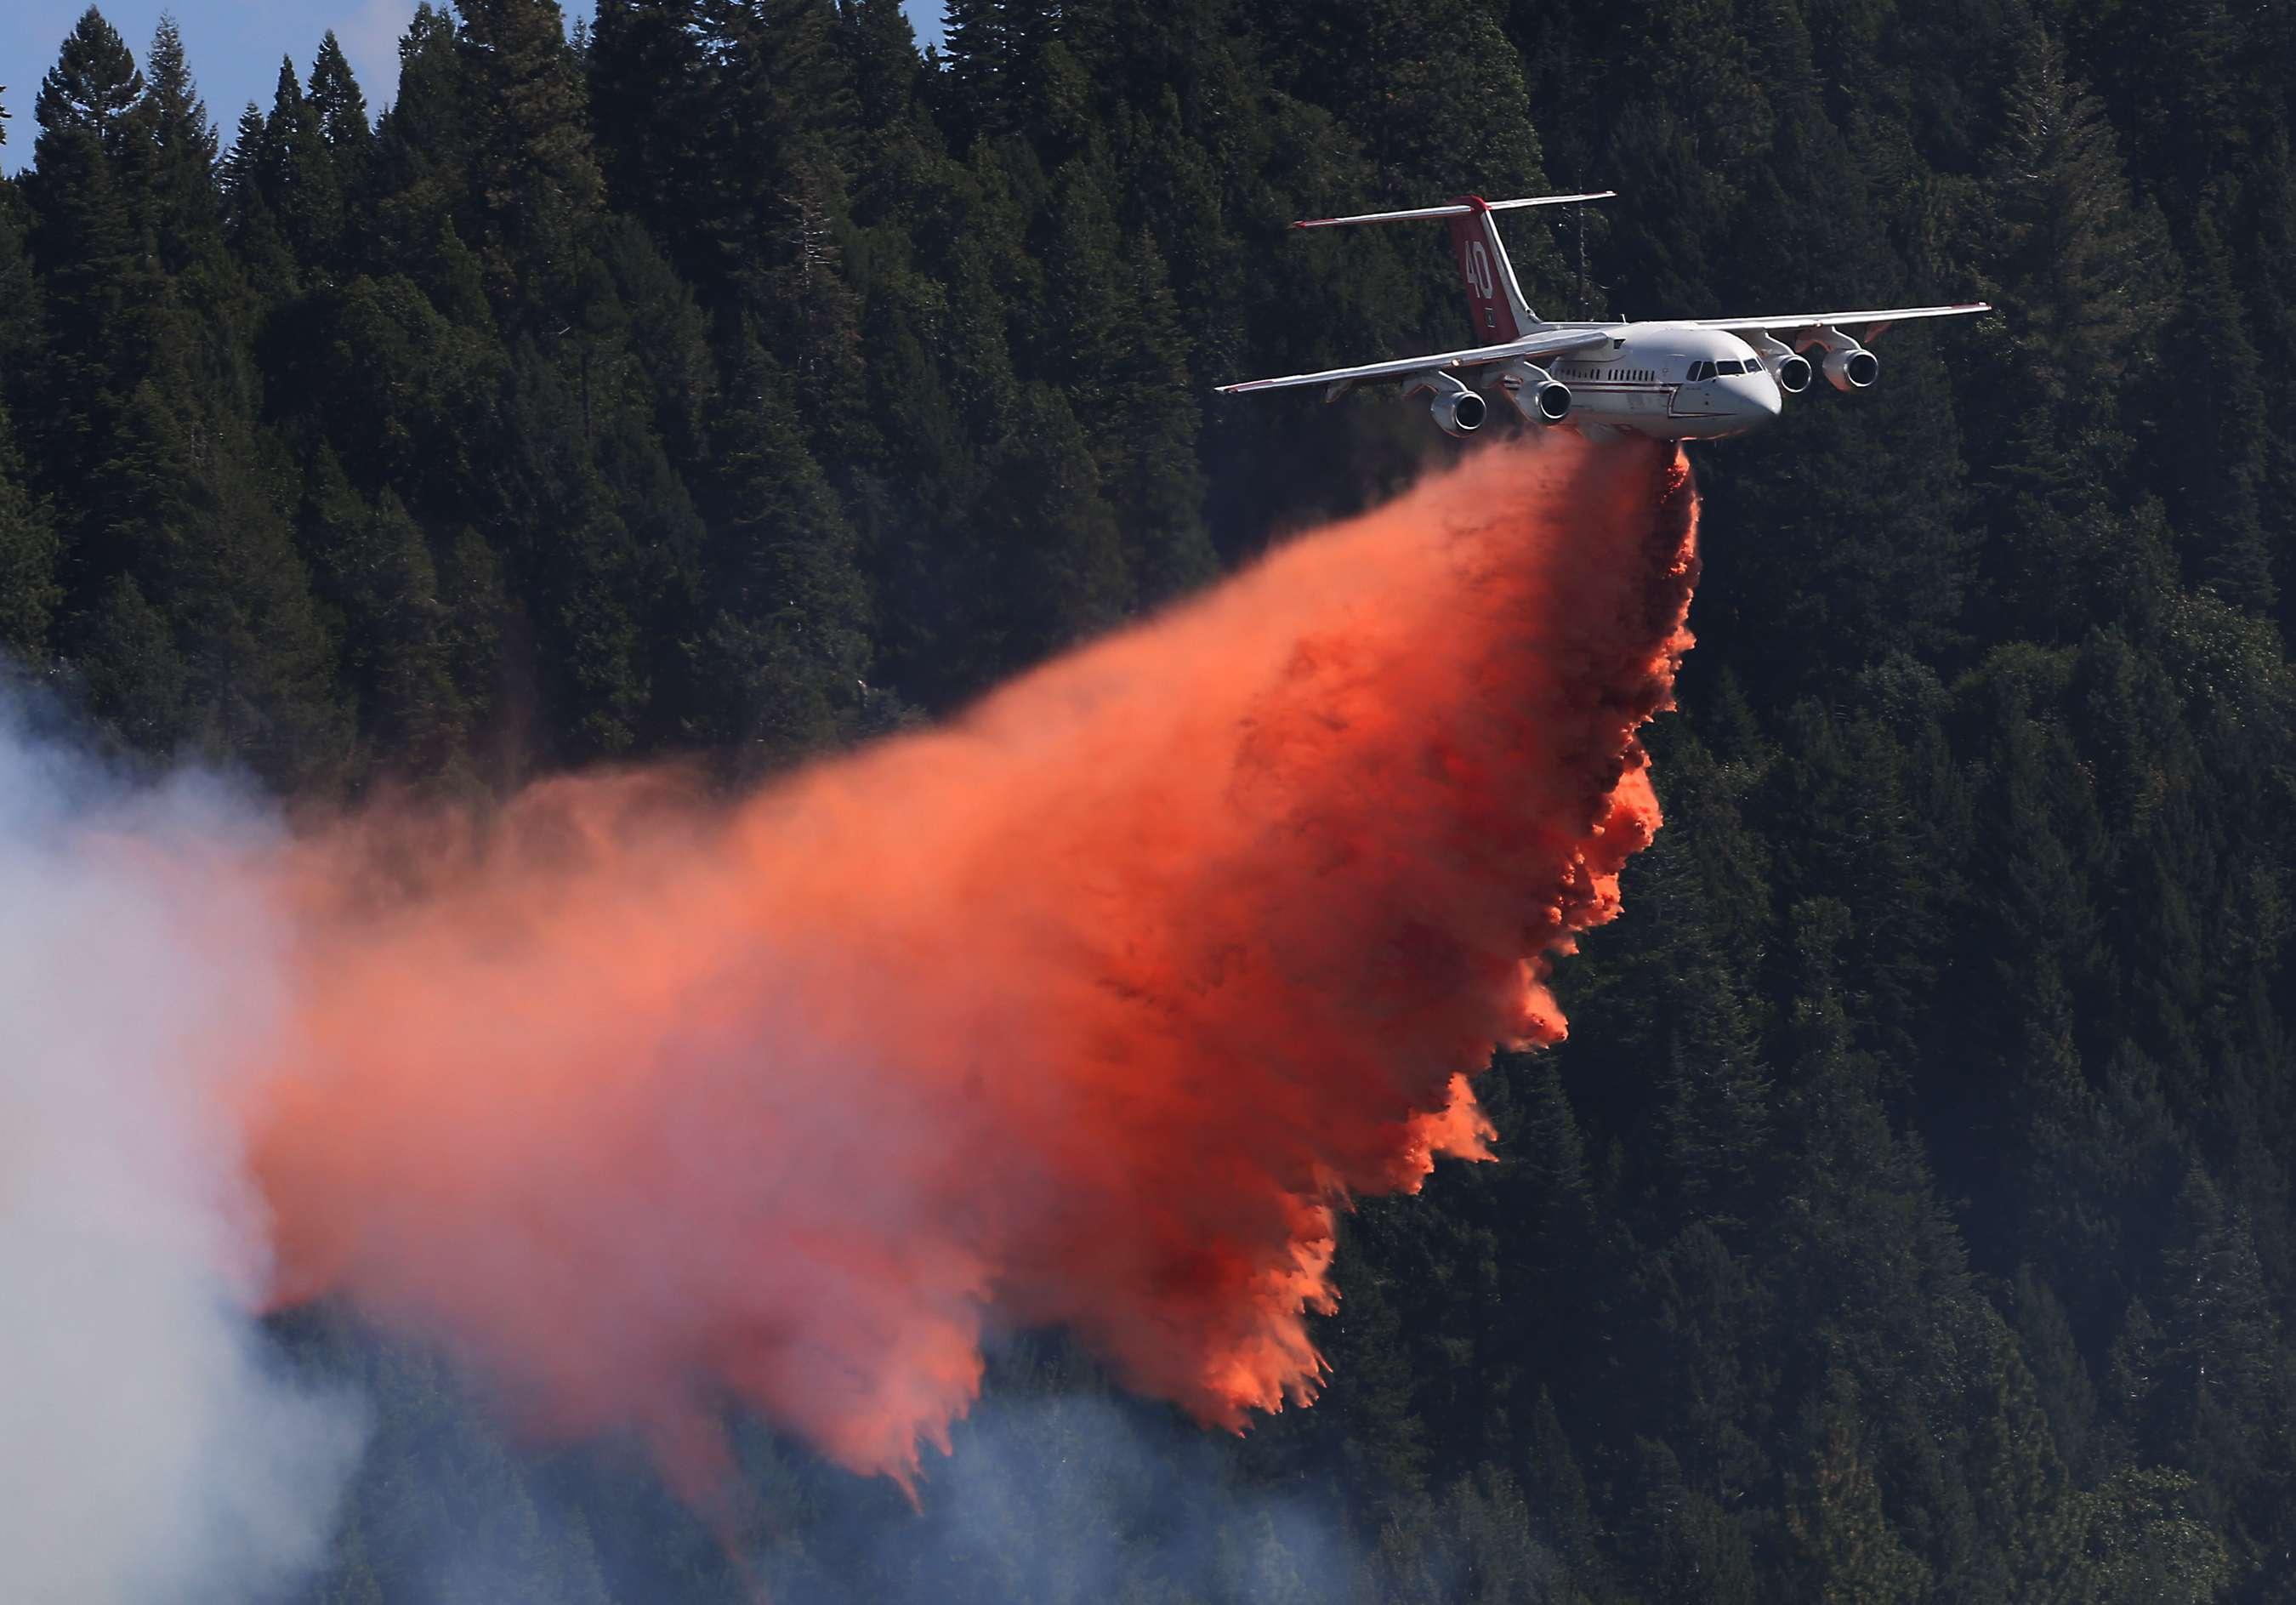 Un avión lanza una carga de sustancias antiincendios cerca de Pollack Pines, California, el 15 de septiembre de 2014. Foto: AP en español